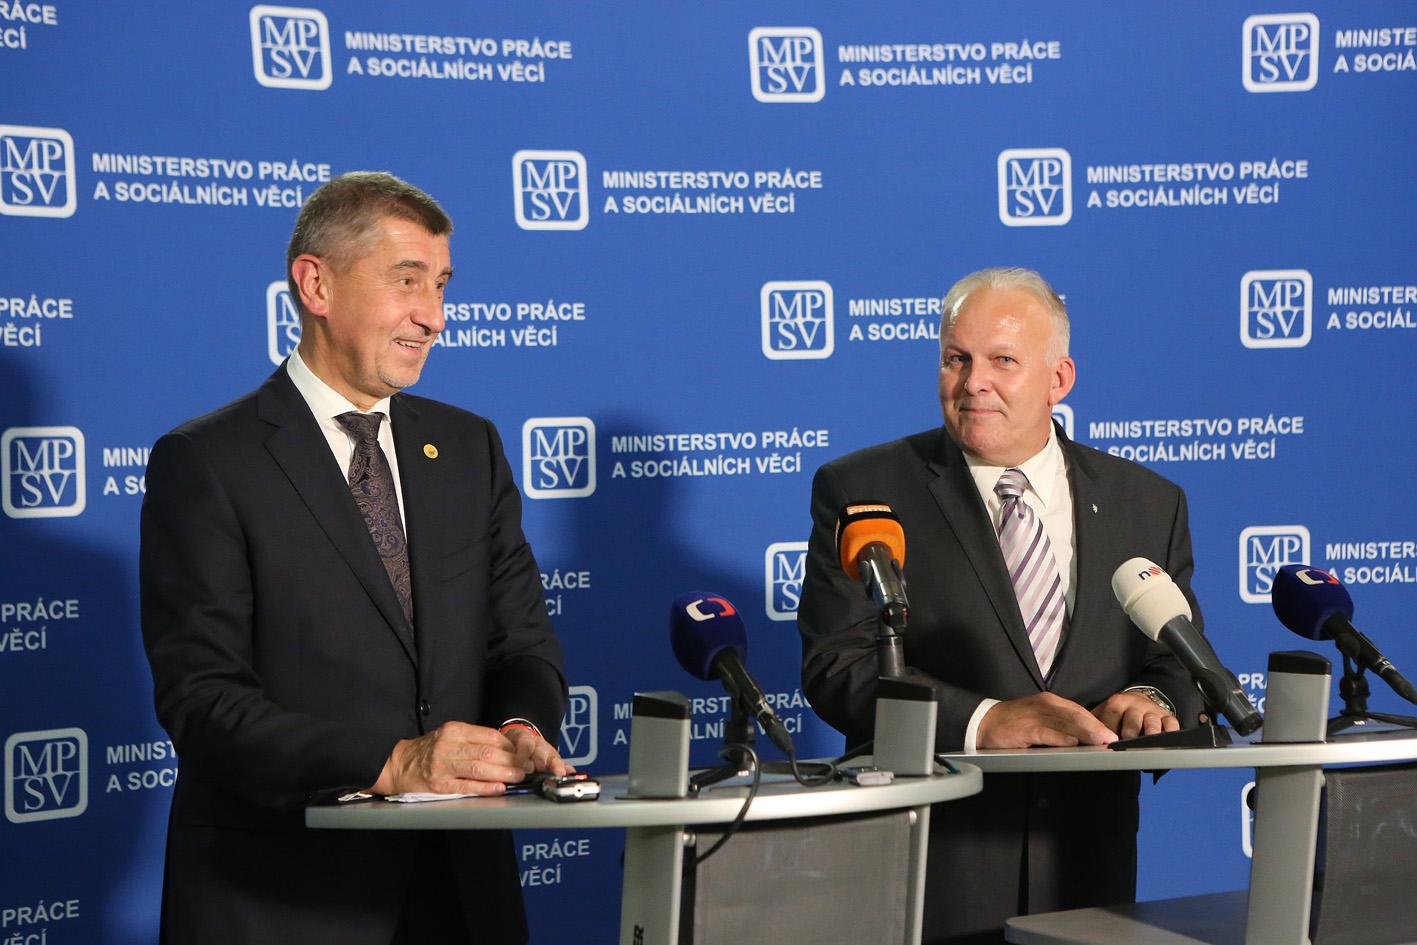 Premiér Andrej Babiš a ministr práce a sociálních věcí Petr Krčál z ČSSD